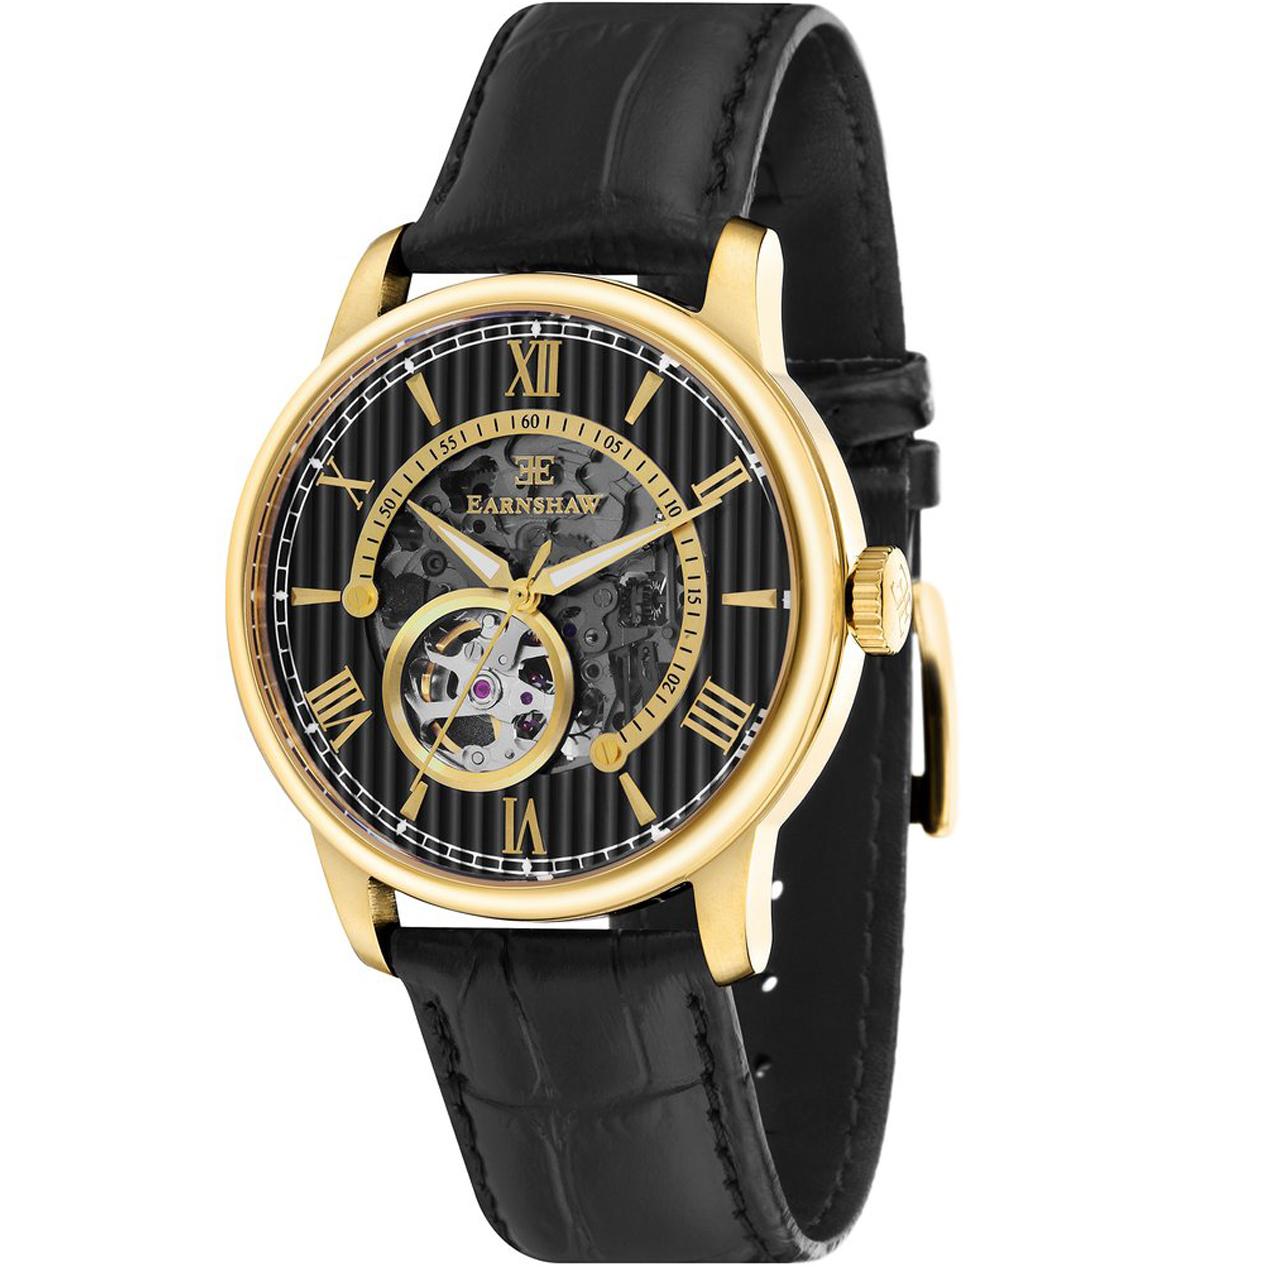 ساعت مچی عقربه ای مردانه ارنشا مدل ES-8802-03 18